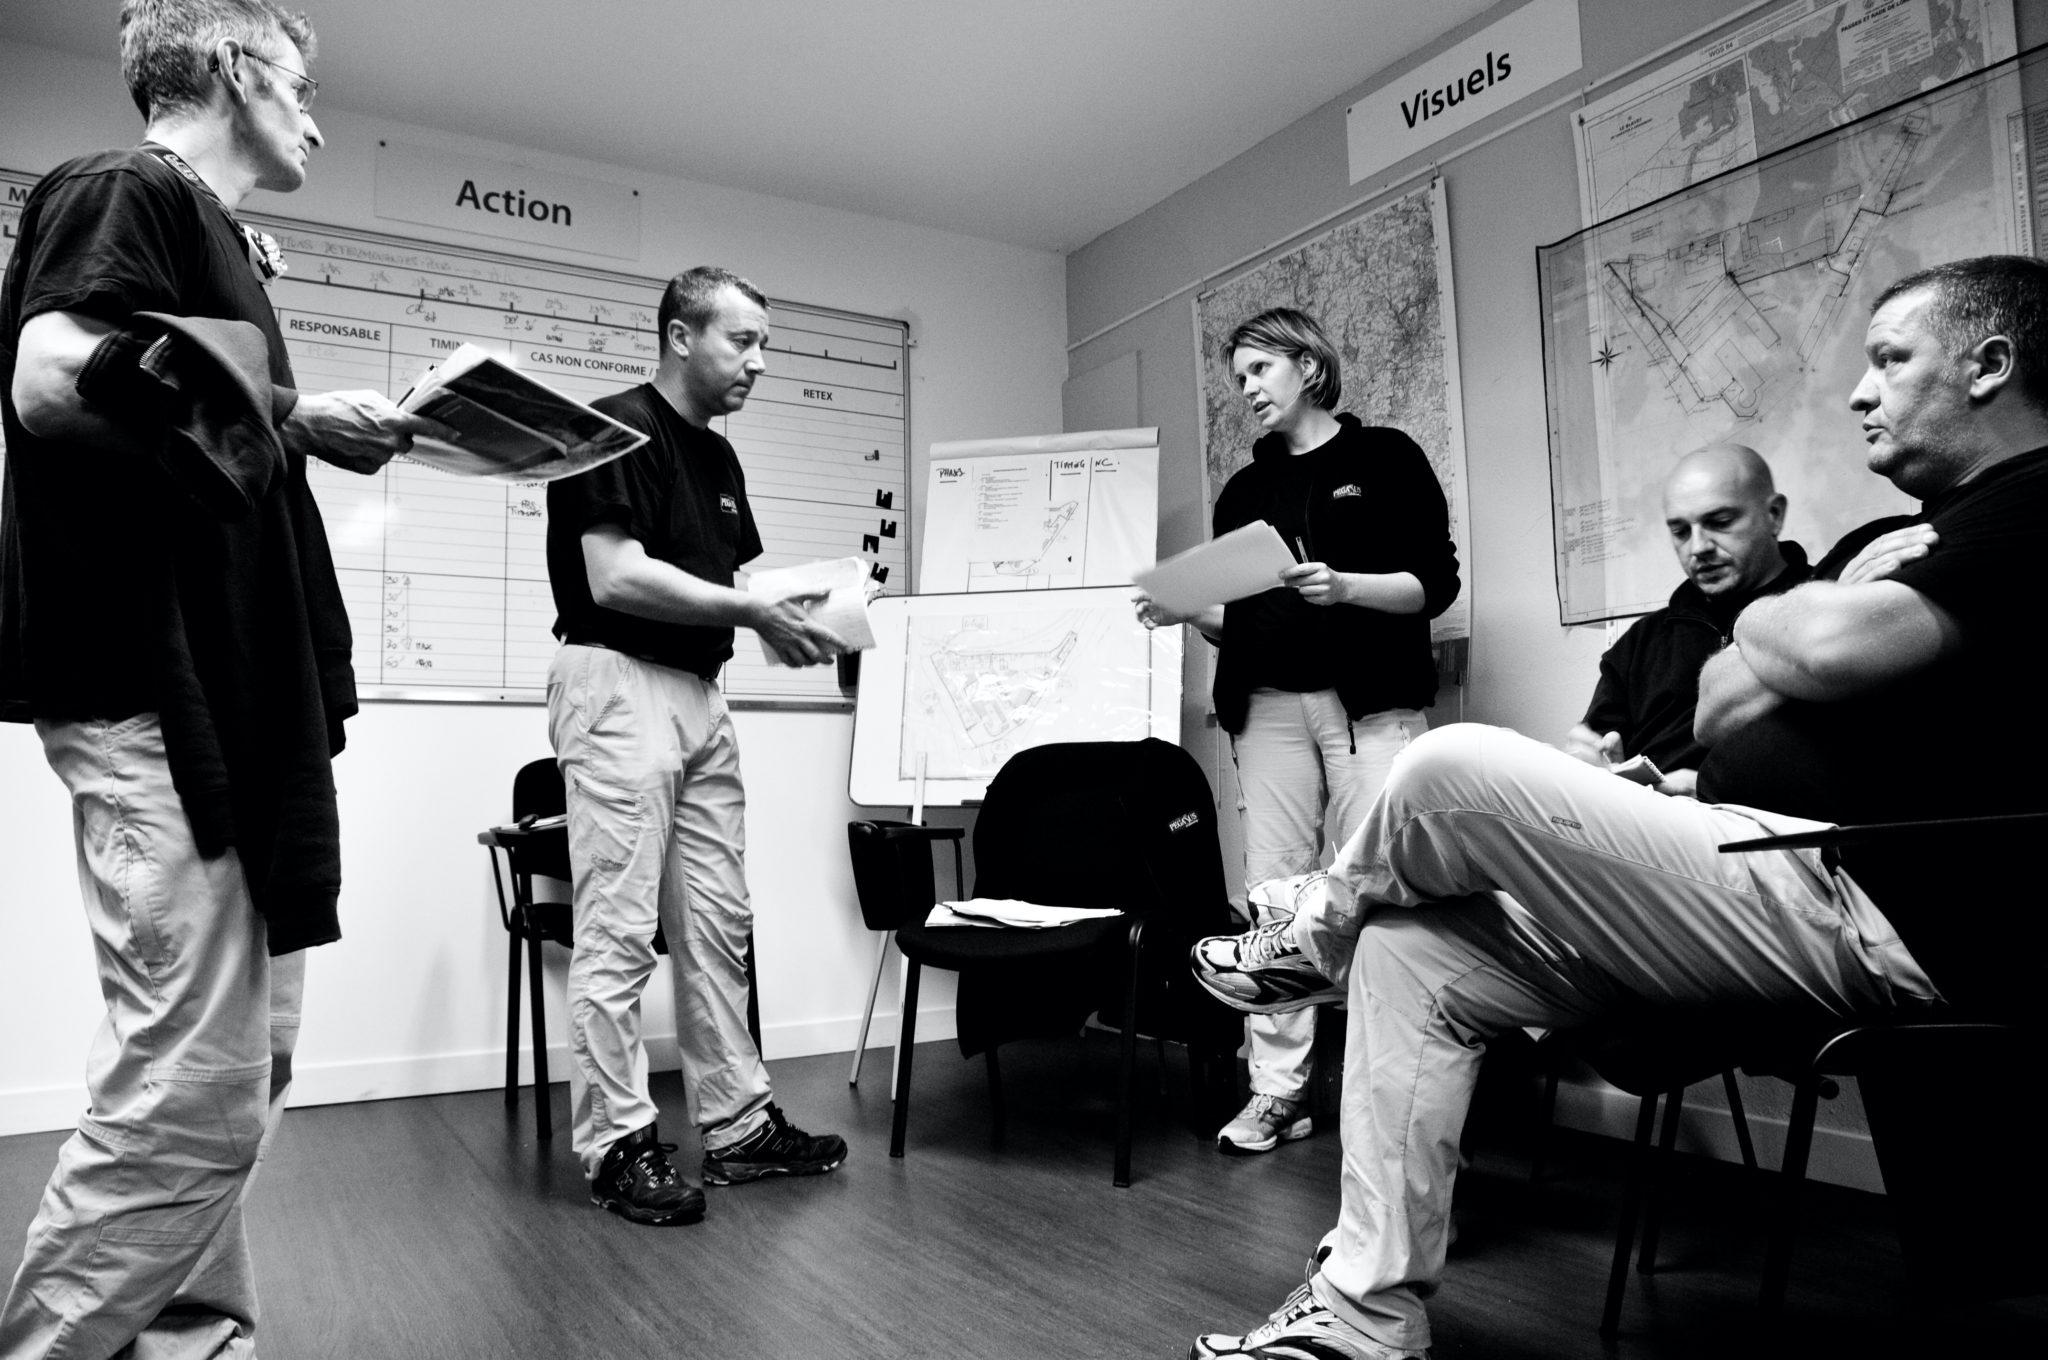 Groupe personnes réunion brainstorming débrief war room management